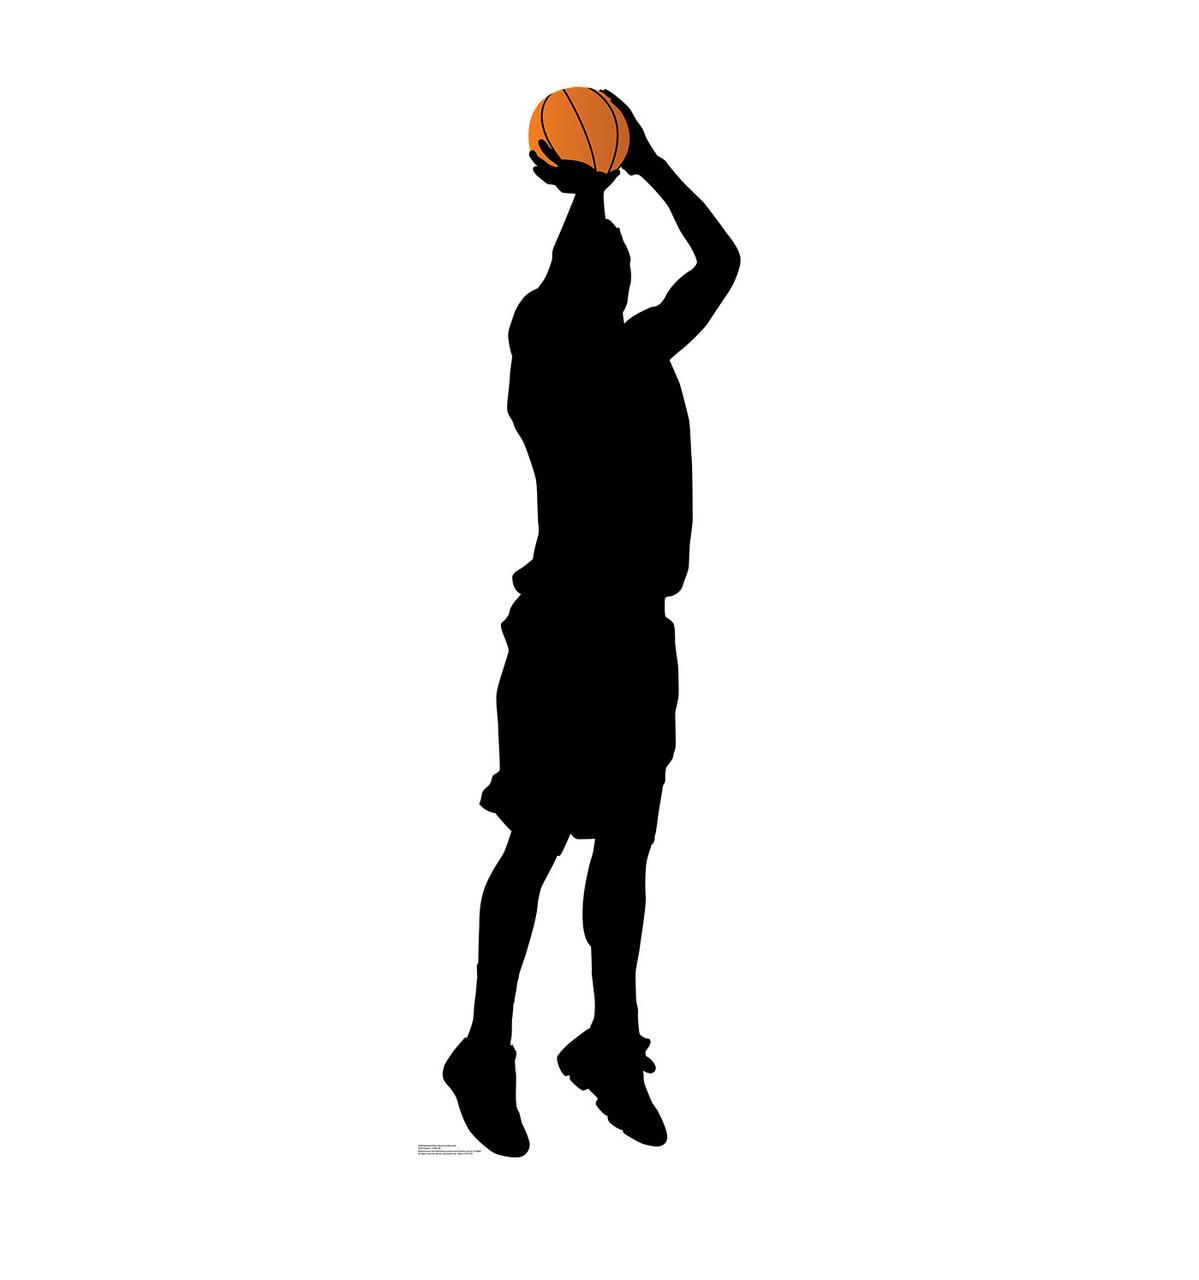 Life-size Basketball Player Shooting Silhouette Cardboard Standup 3